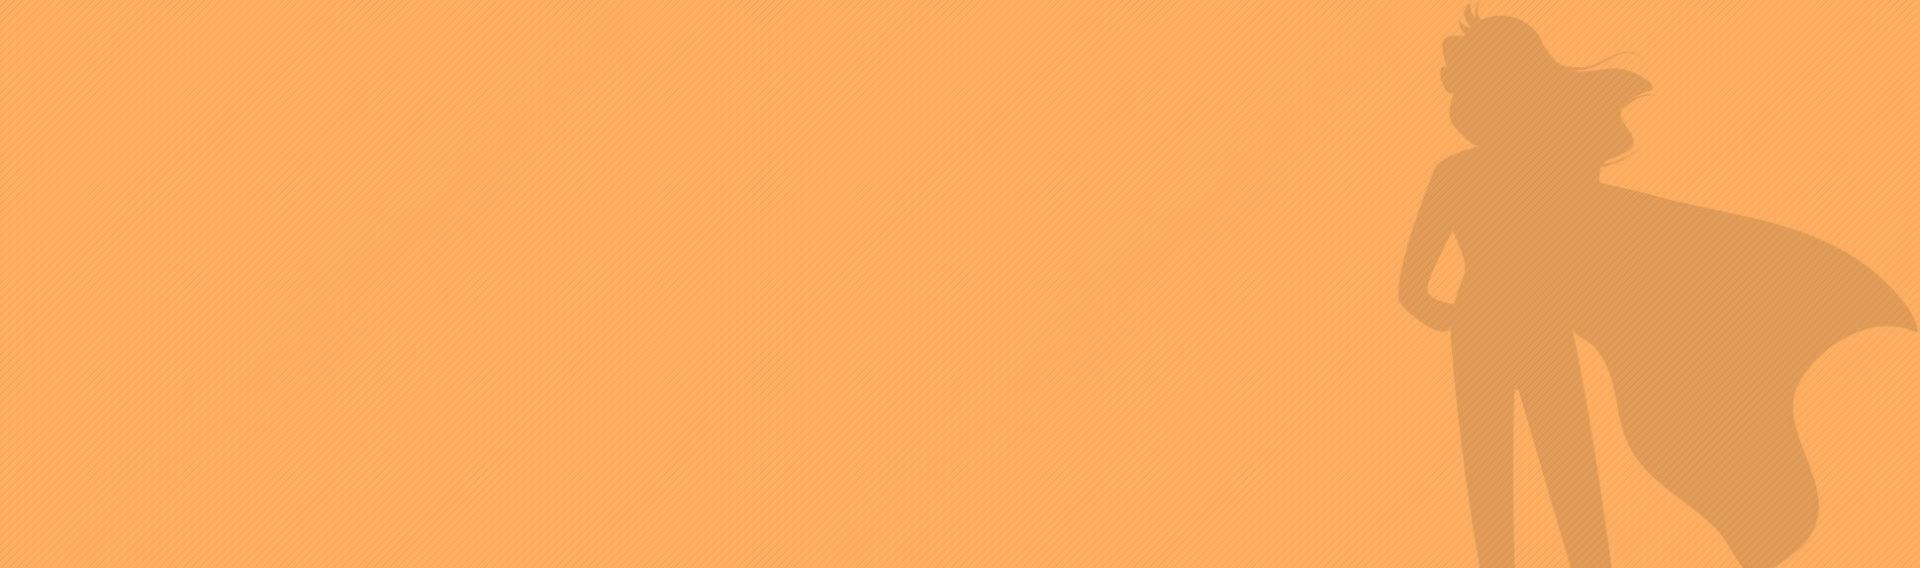 Hintergrundgrafik in orange mit streifen